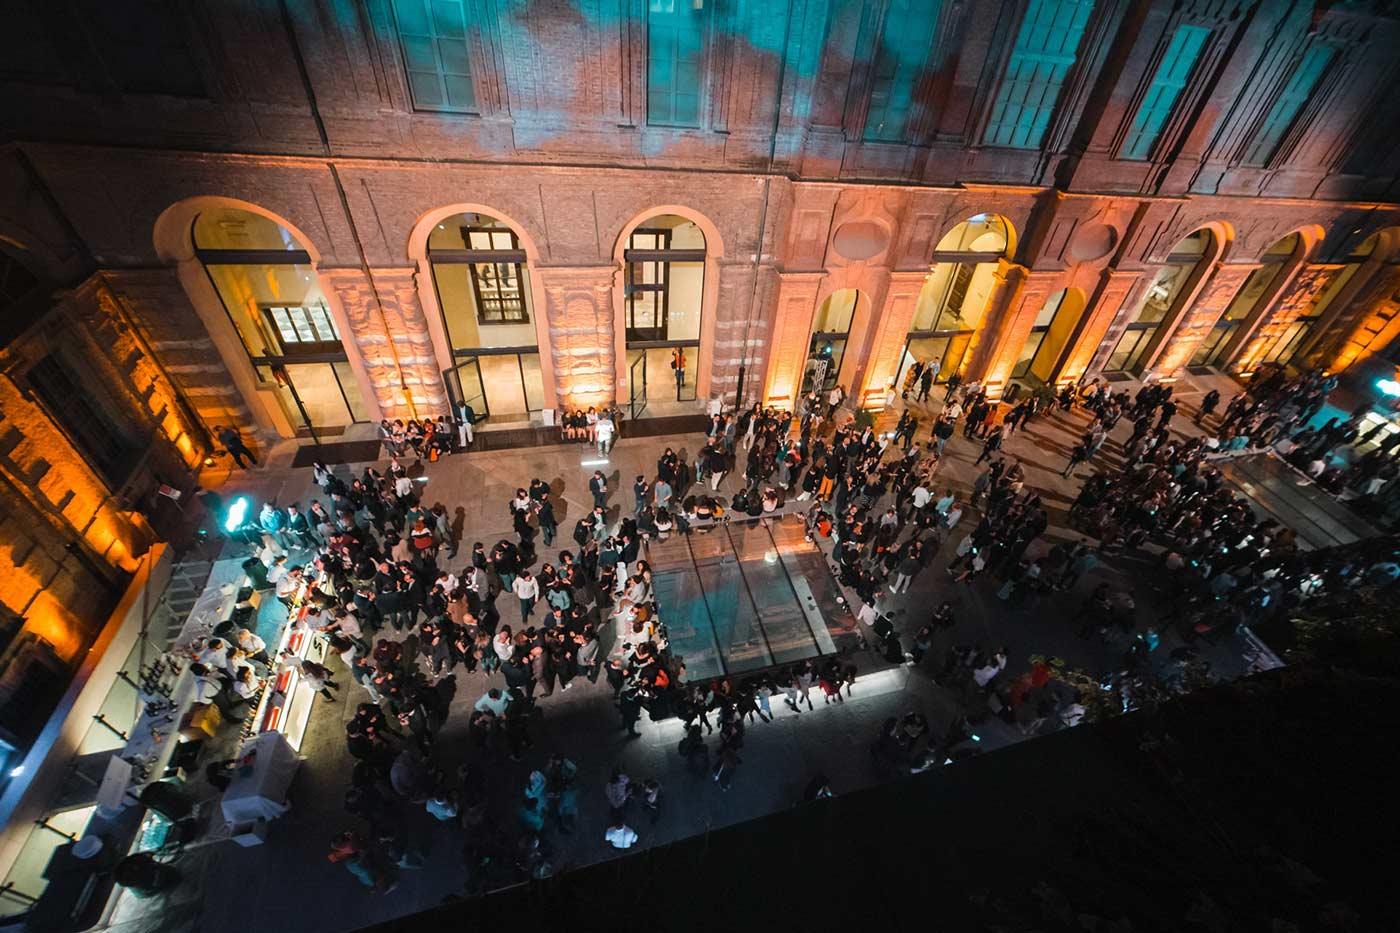 Una notte al Museo Egizio